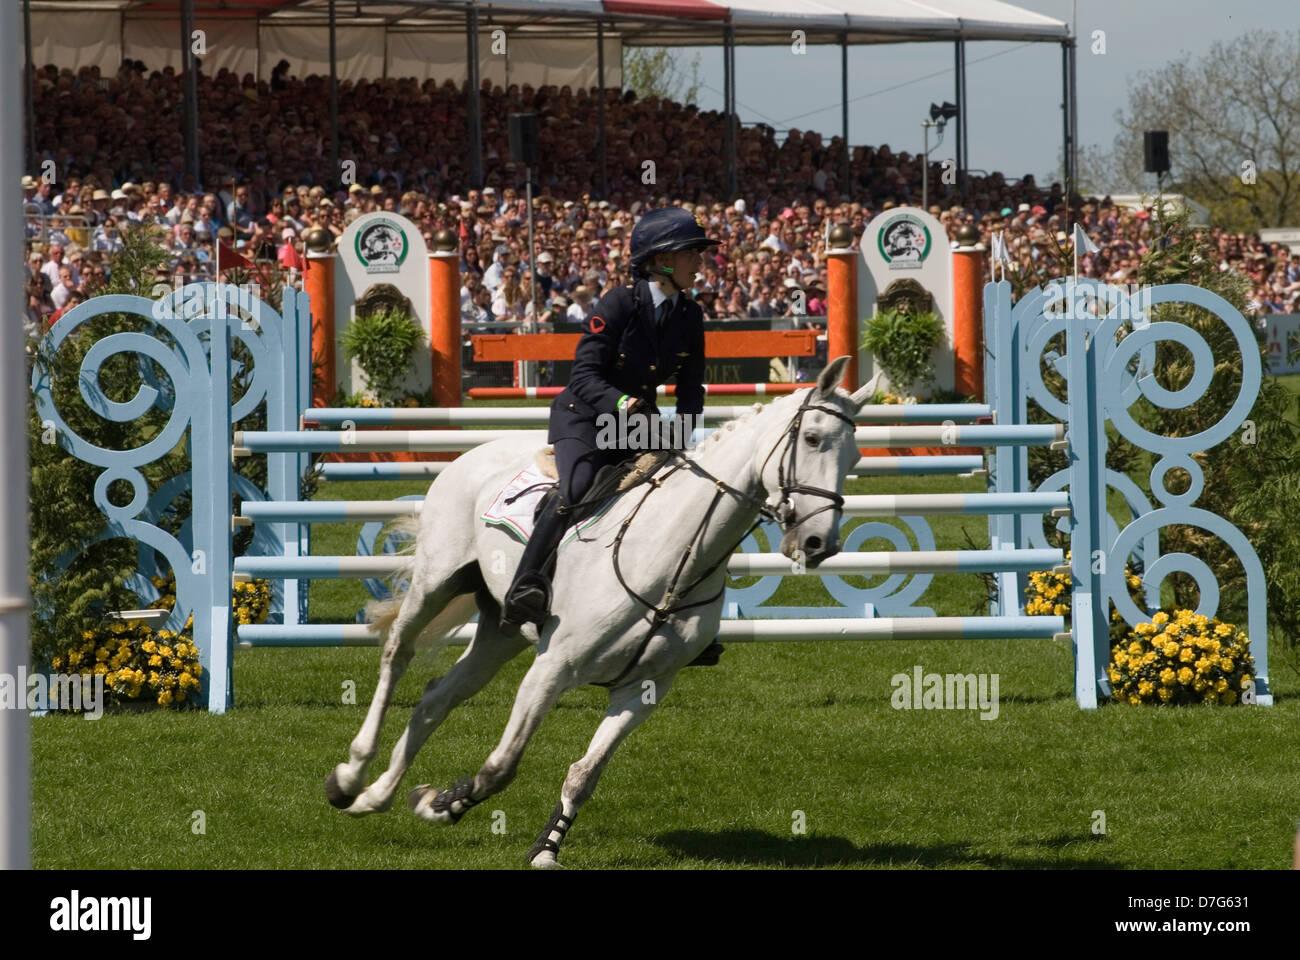 Badminton Horse Trials Gloucestershire, Reino Unido. Los espectadores ver el show jumping en la arena principal. Imagen De Stock